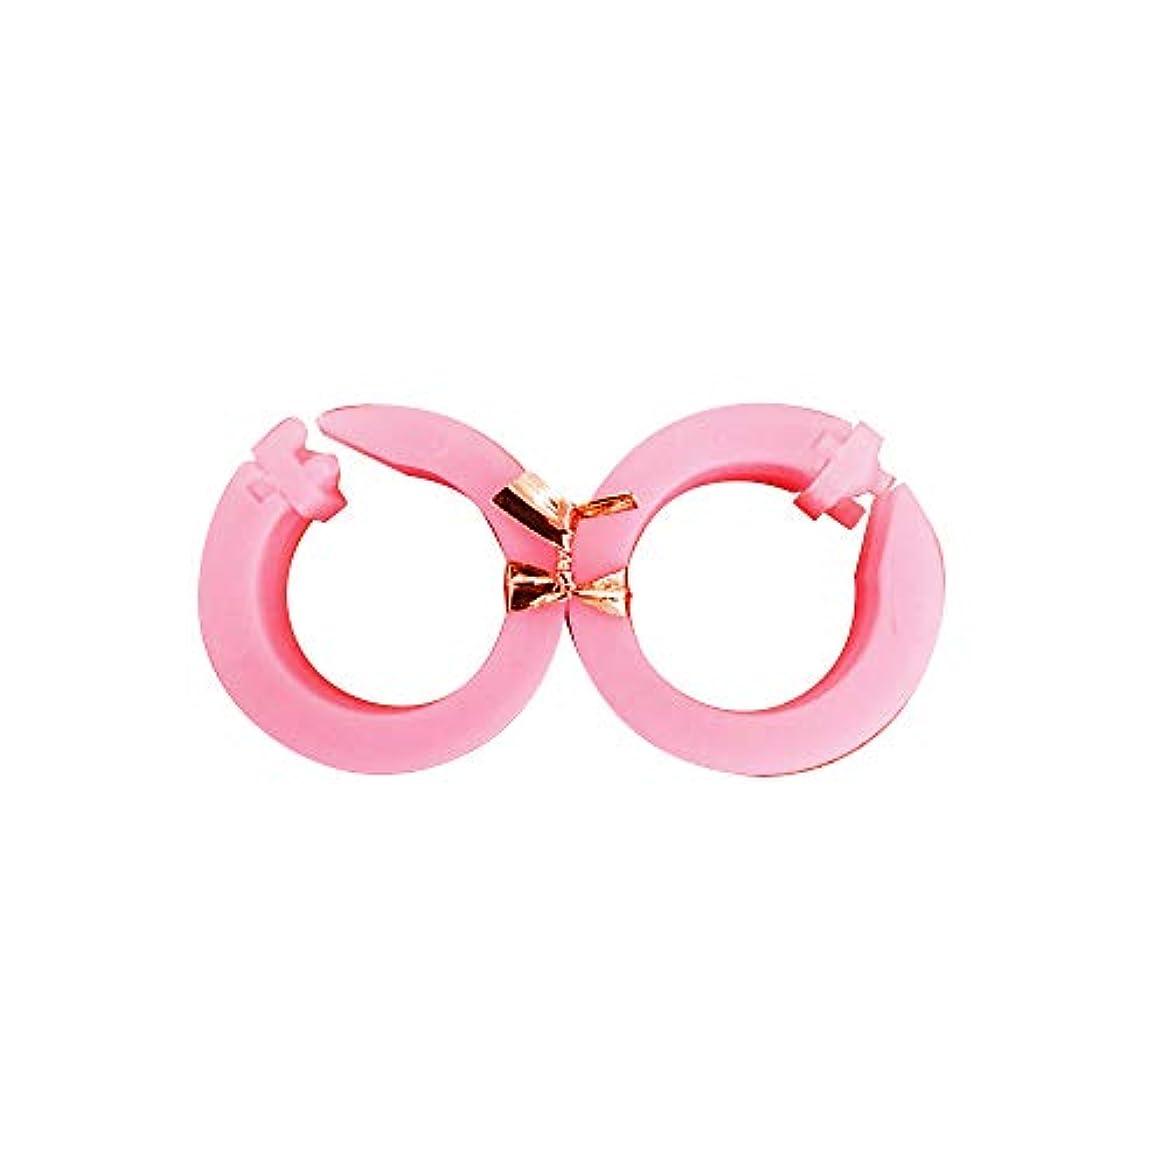 開いたのど蓋サフランフィールド 耳つぼ美人 ピンク 耳つぼ ダイエット リング 美容 ダイエット器具 美ら工房サフラン